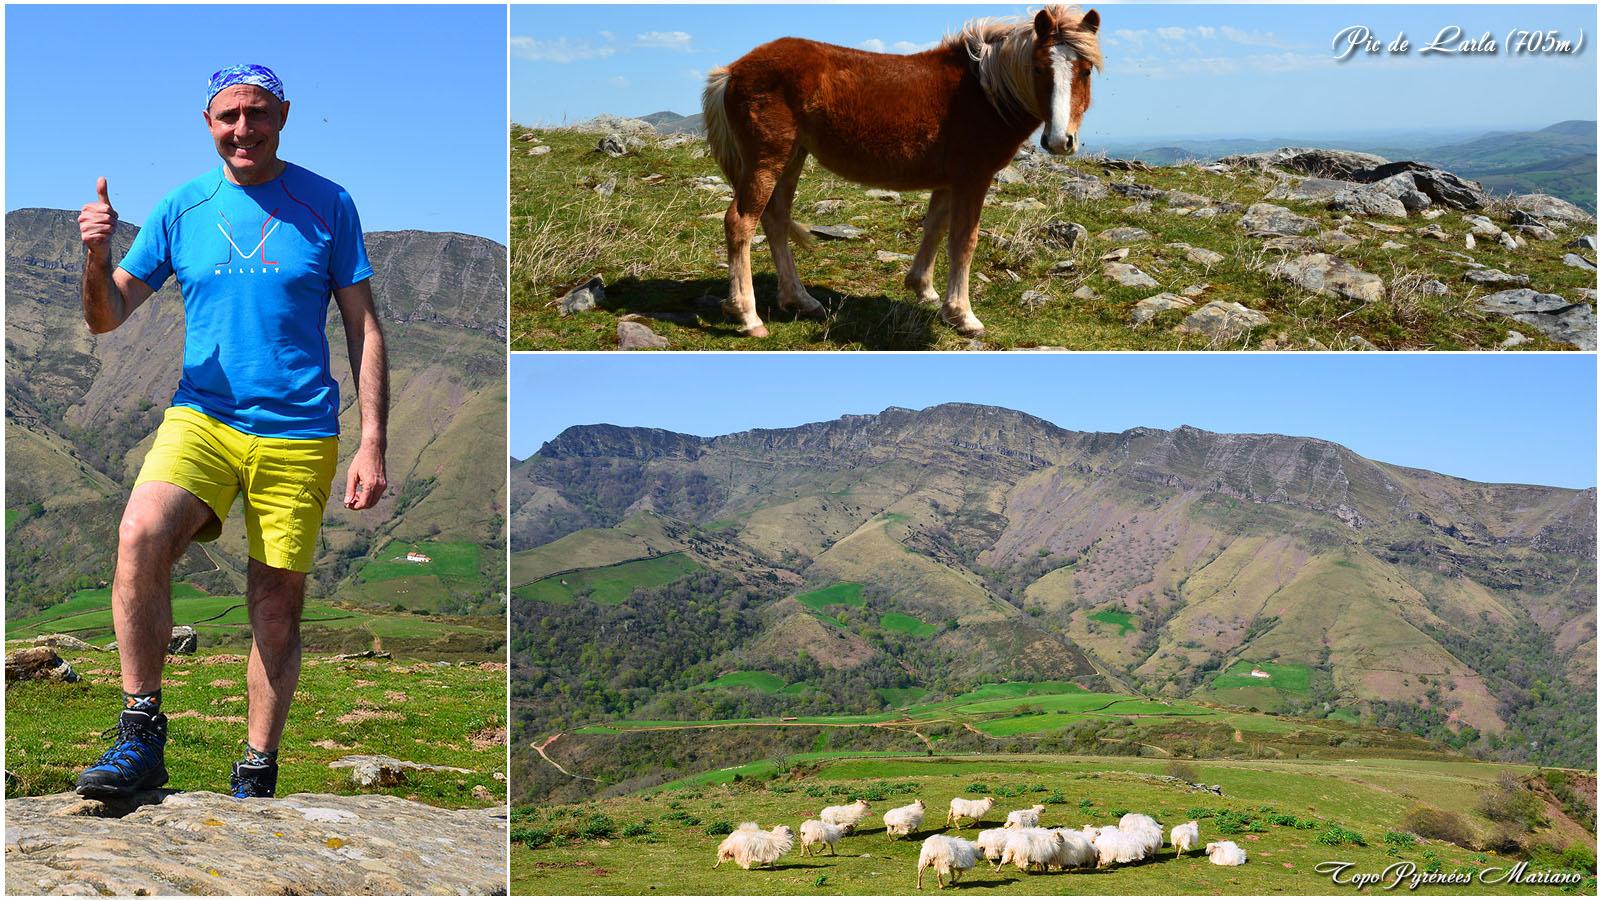 Randonnée Pic de Larla (705m) en boucle